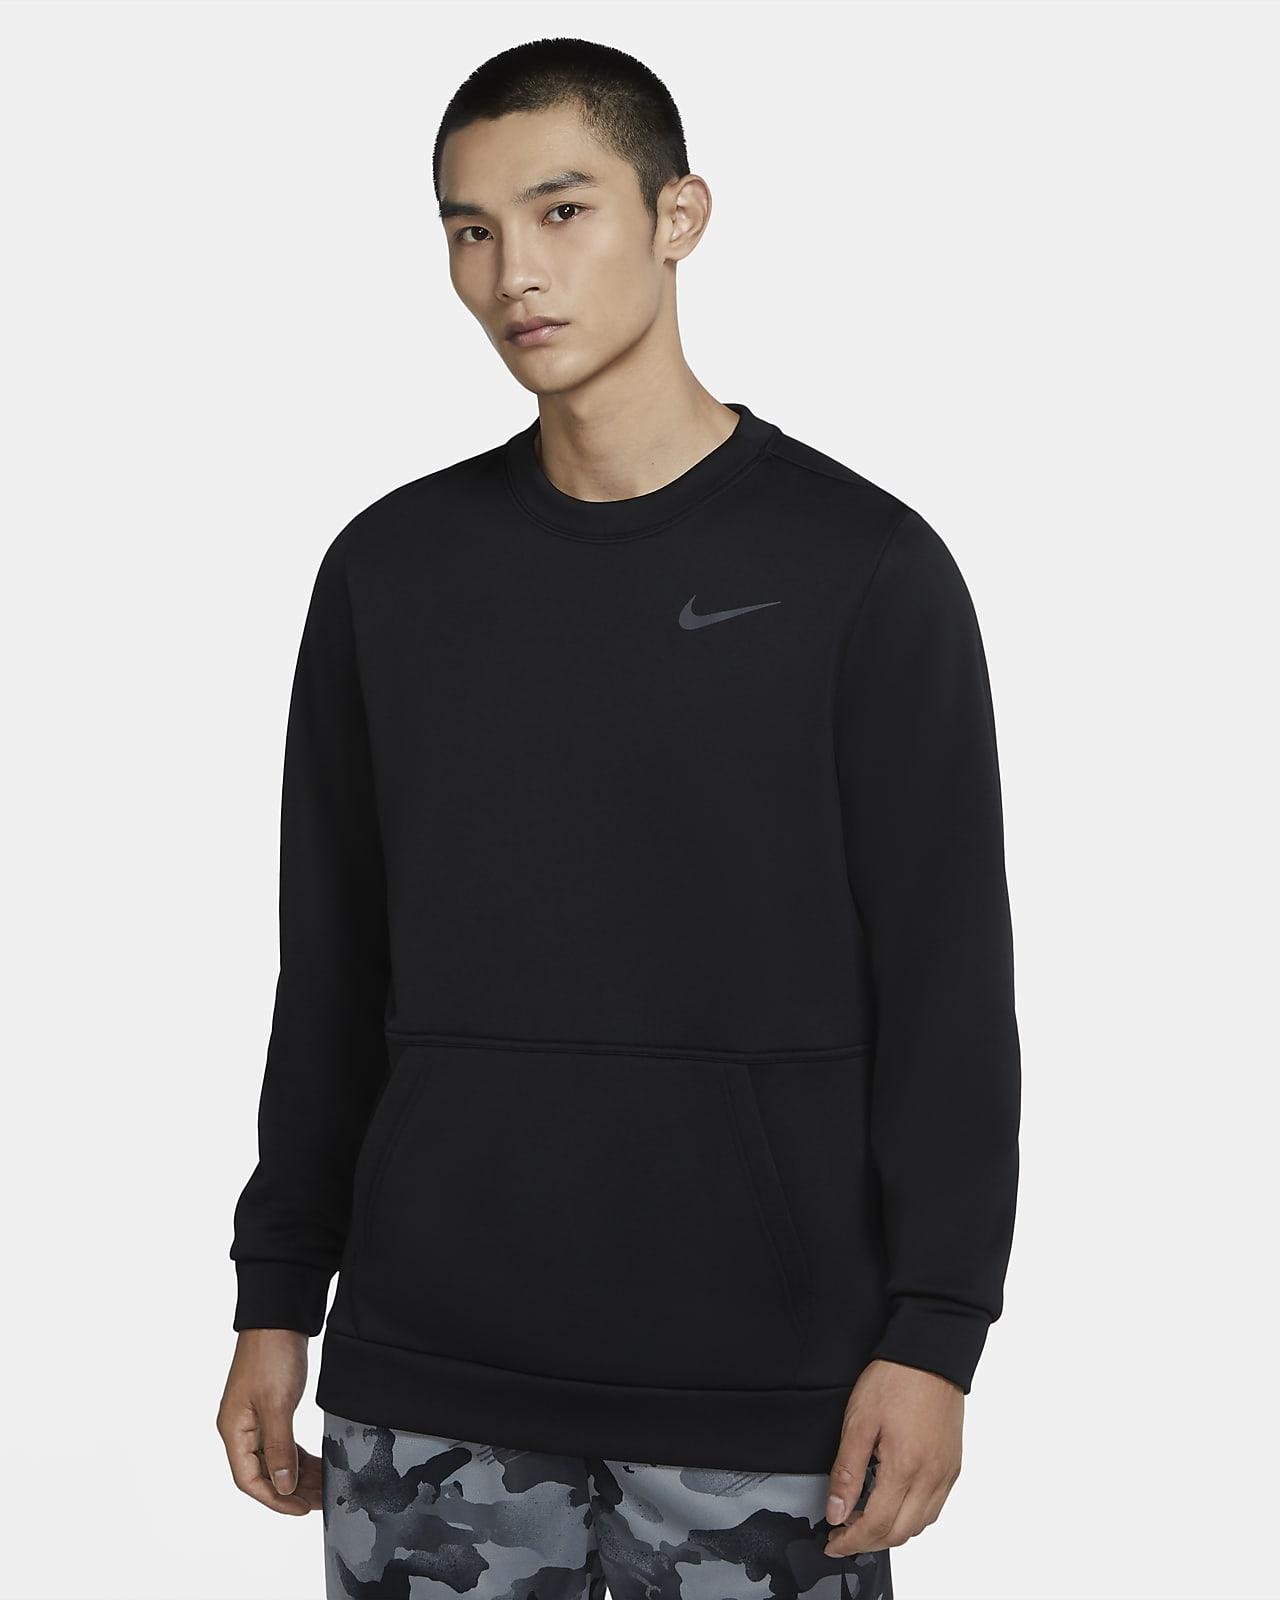 Nike Therma 男子训练圆领上衣